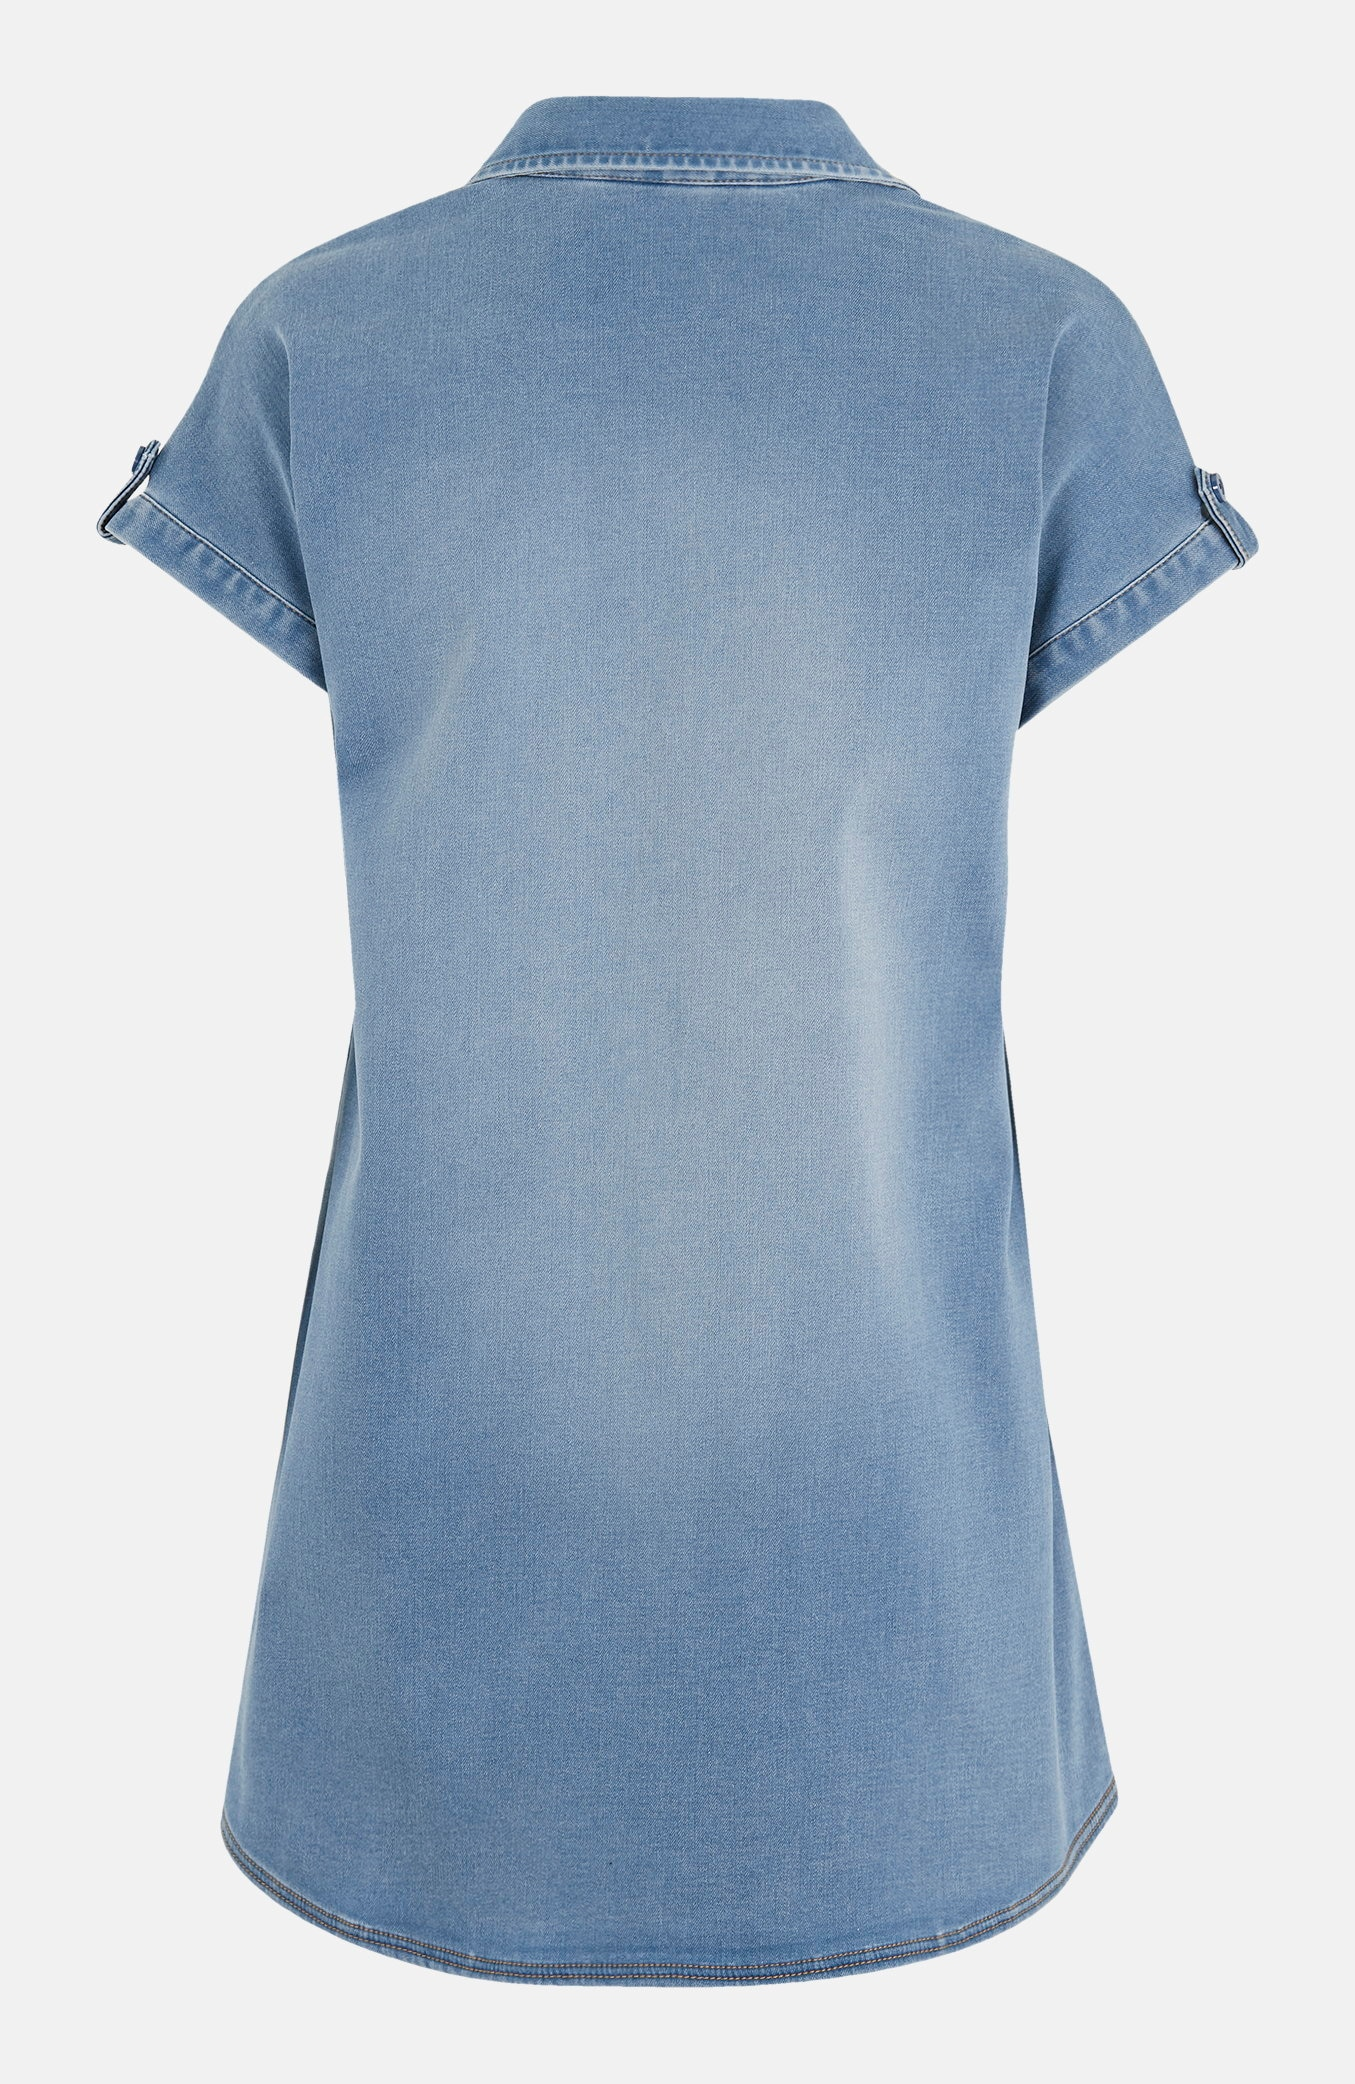 Kortärmad jeansskjorta